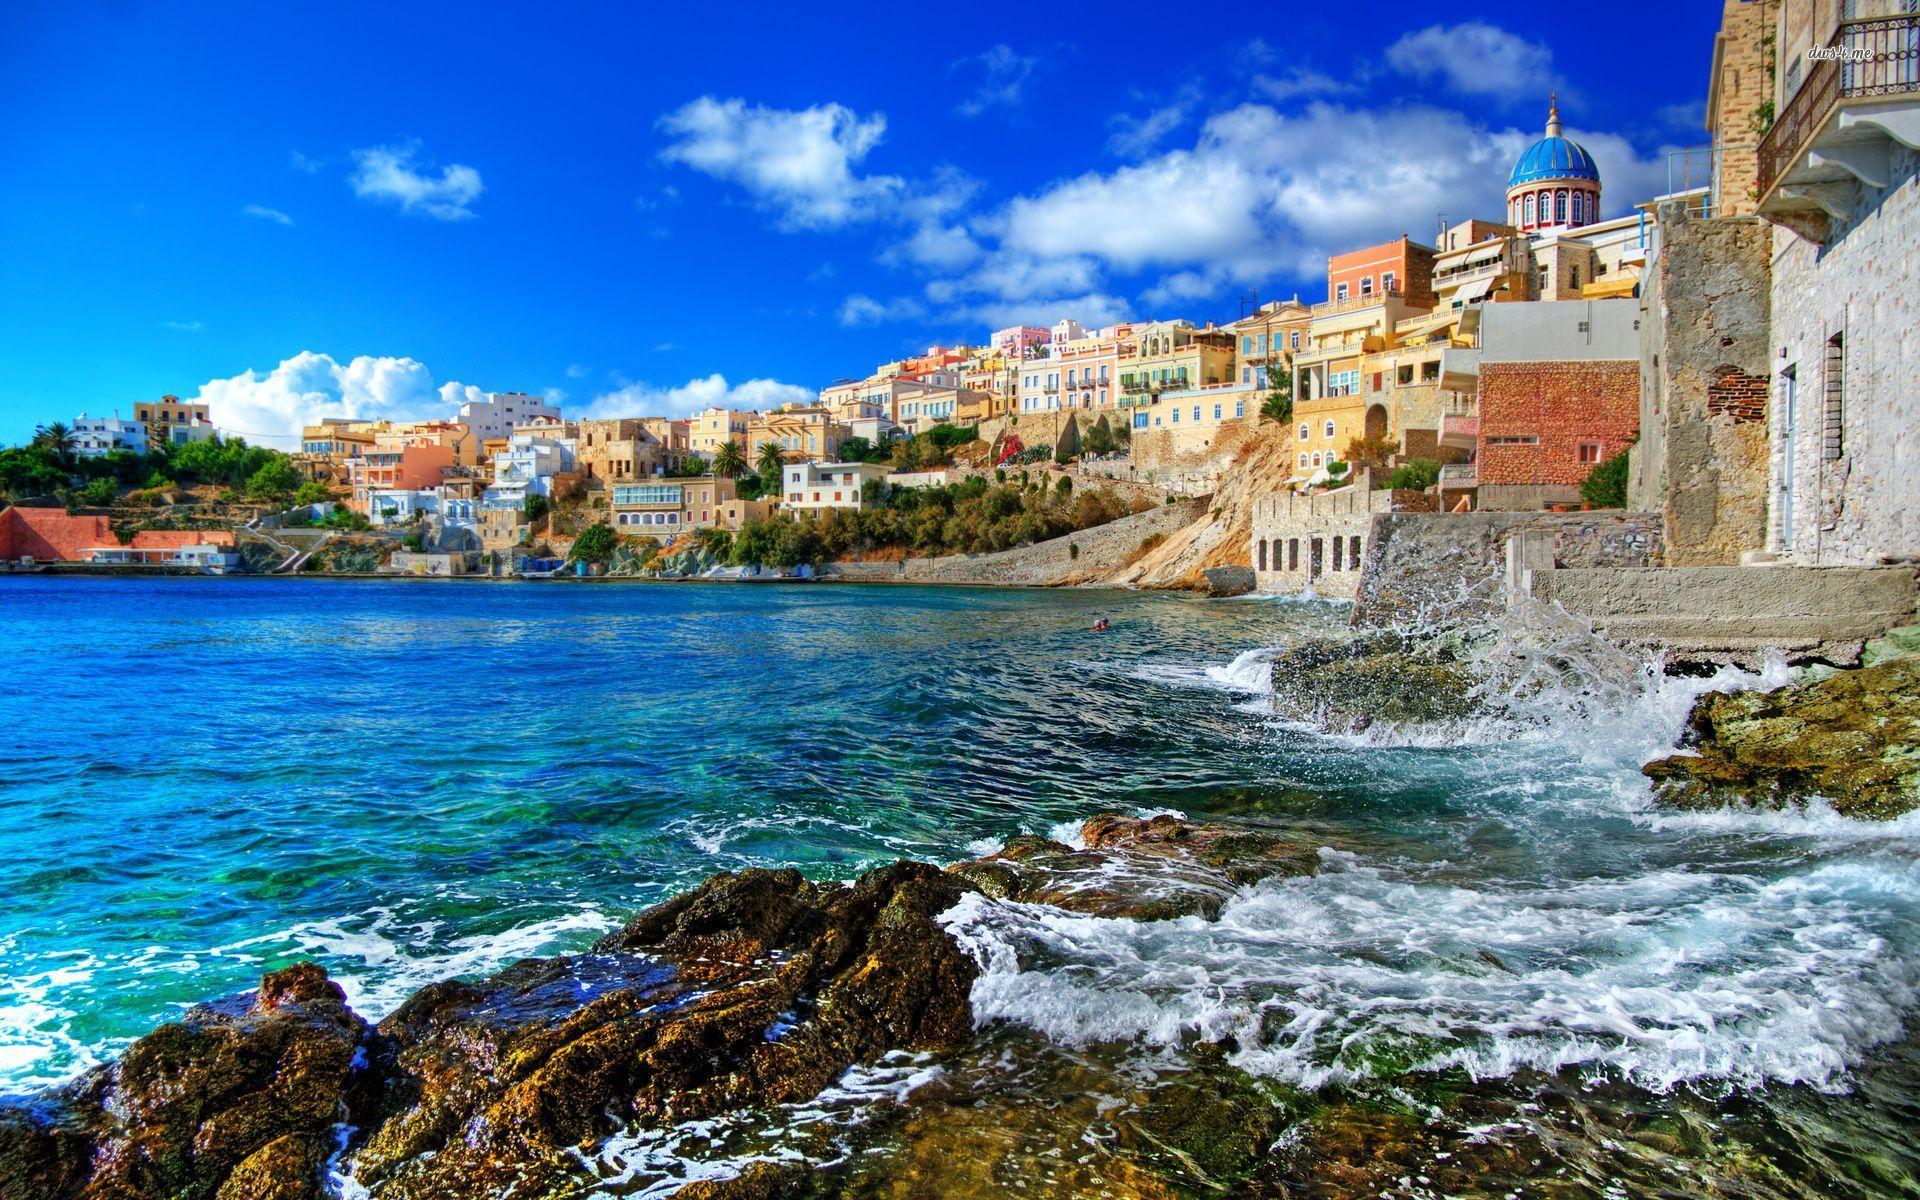 greece wallpaper hd wallpapersafari